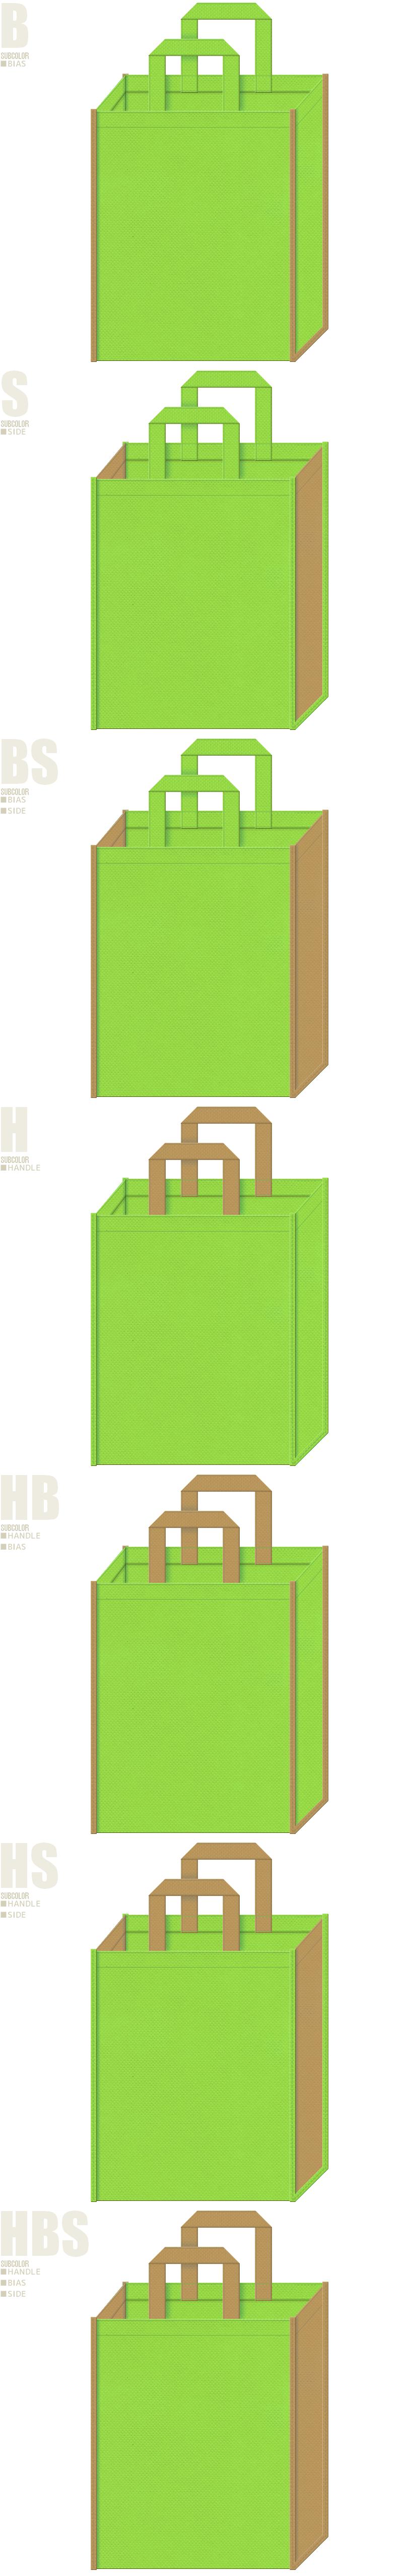 森・牧場・おとぎ話・絵本の展覧会用バッグにお奨めの不織布バッグデザイン:黄緑色と金黄土色の不織布バッグ配色7パターン。